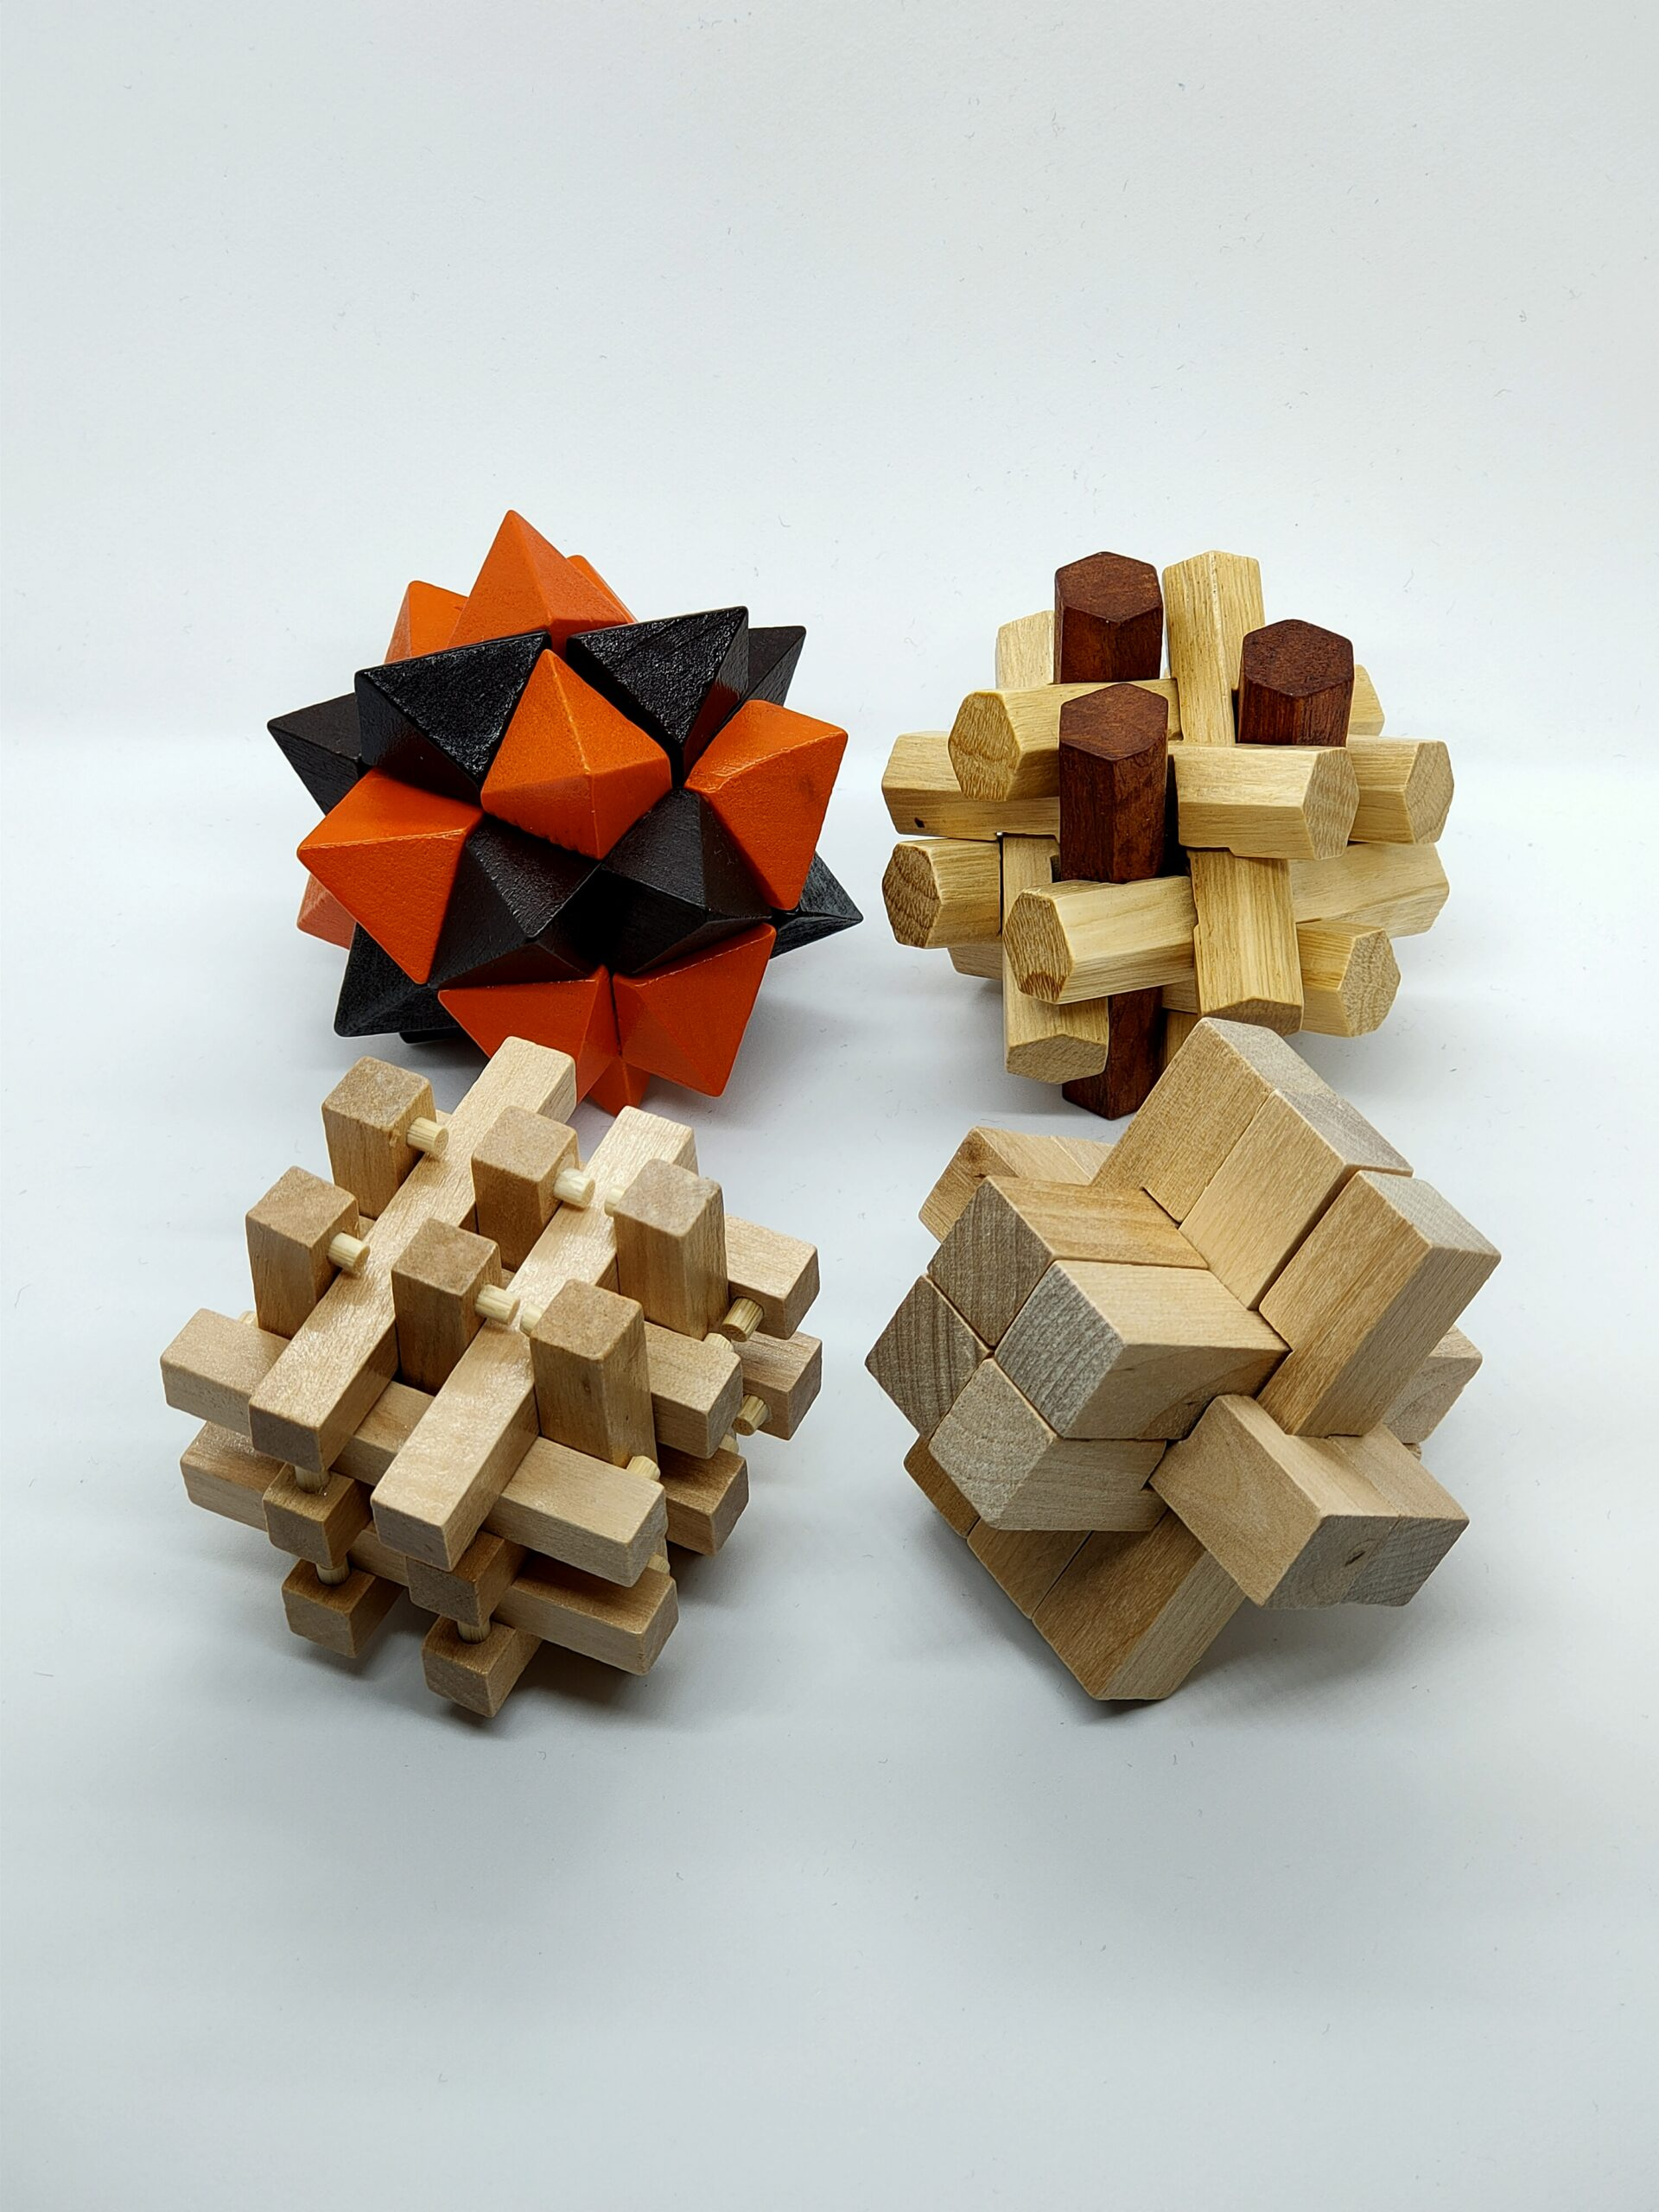 Rompecabezas de madera en tres dimensiones